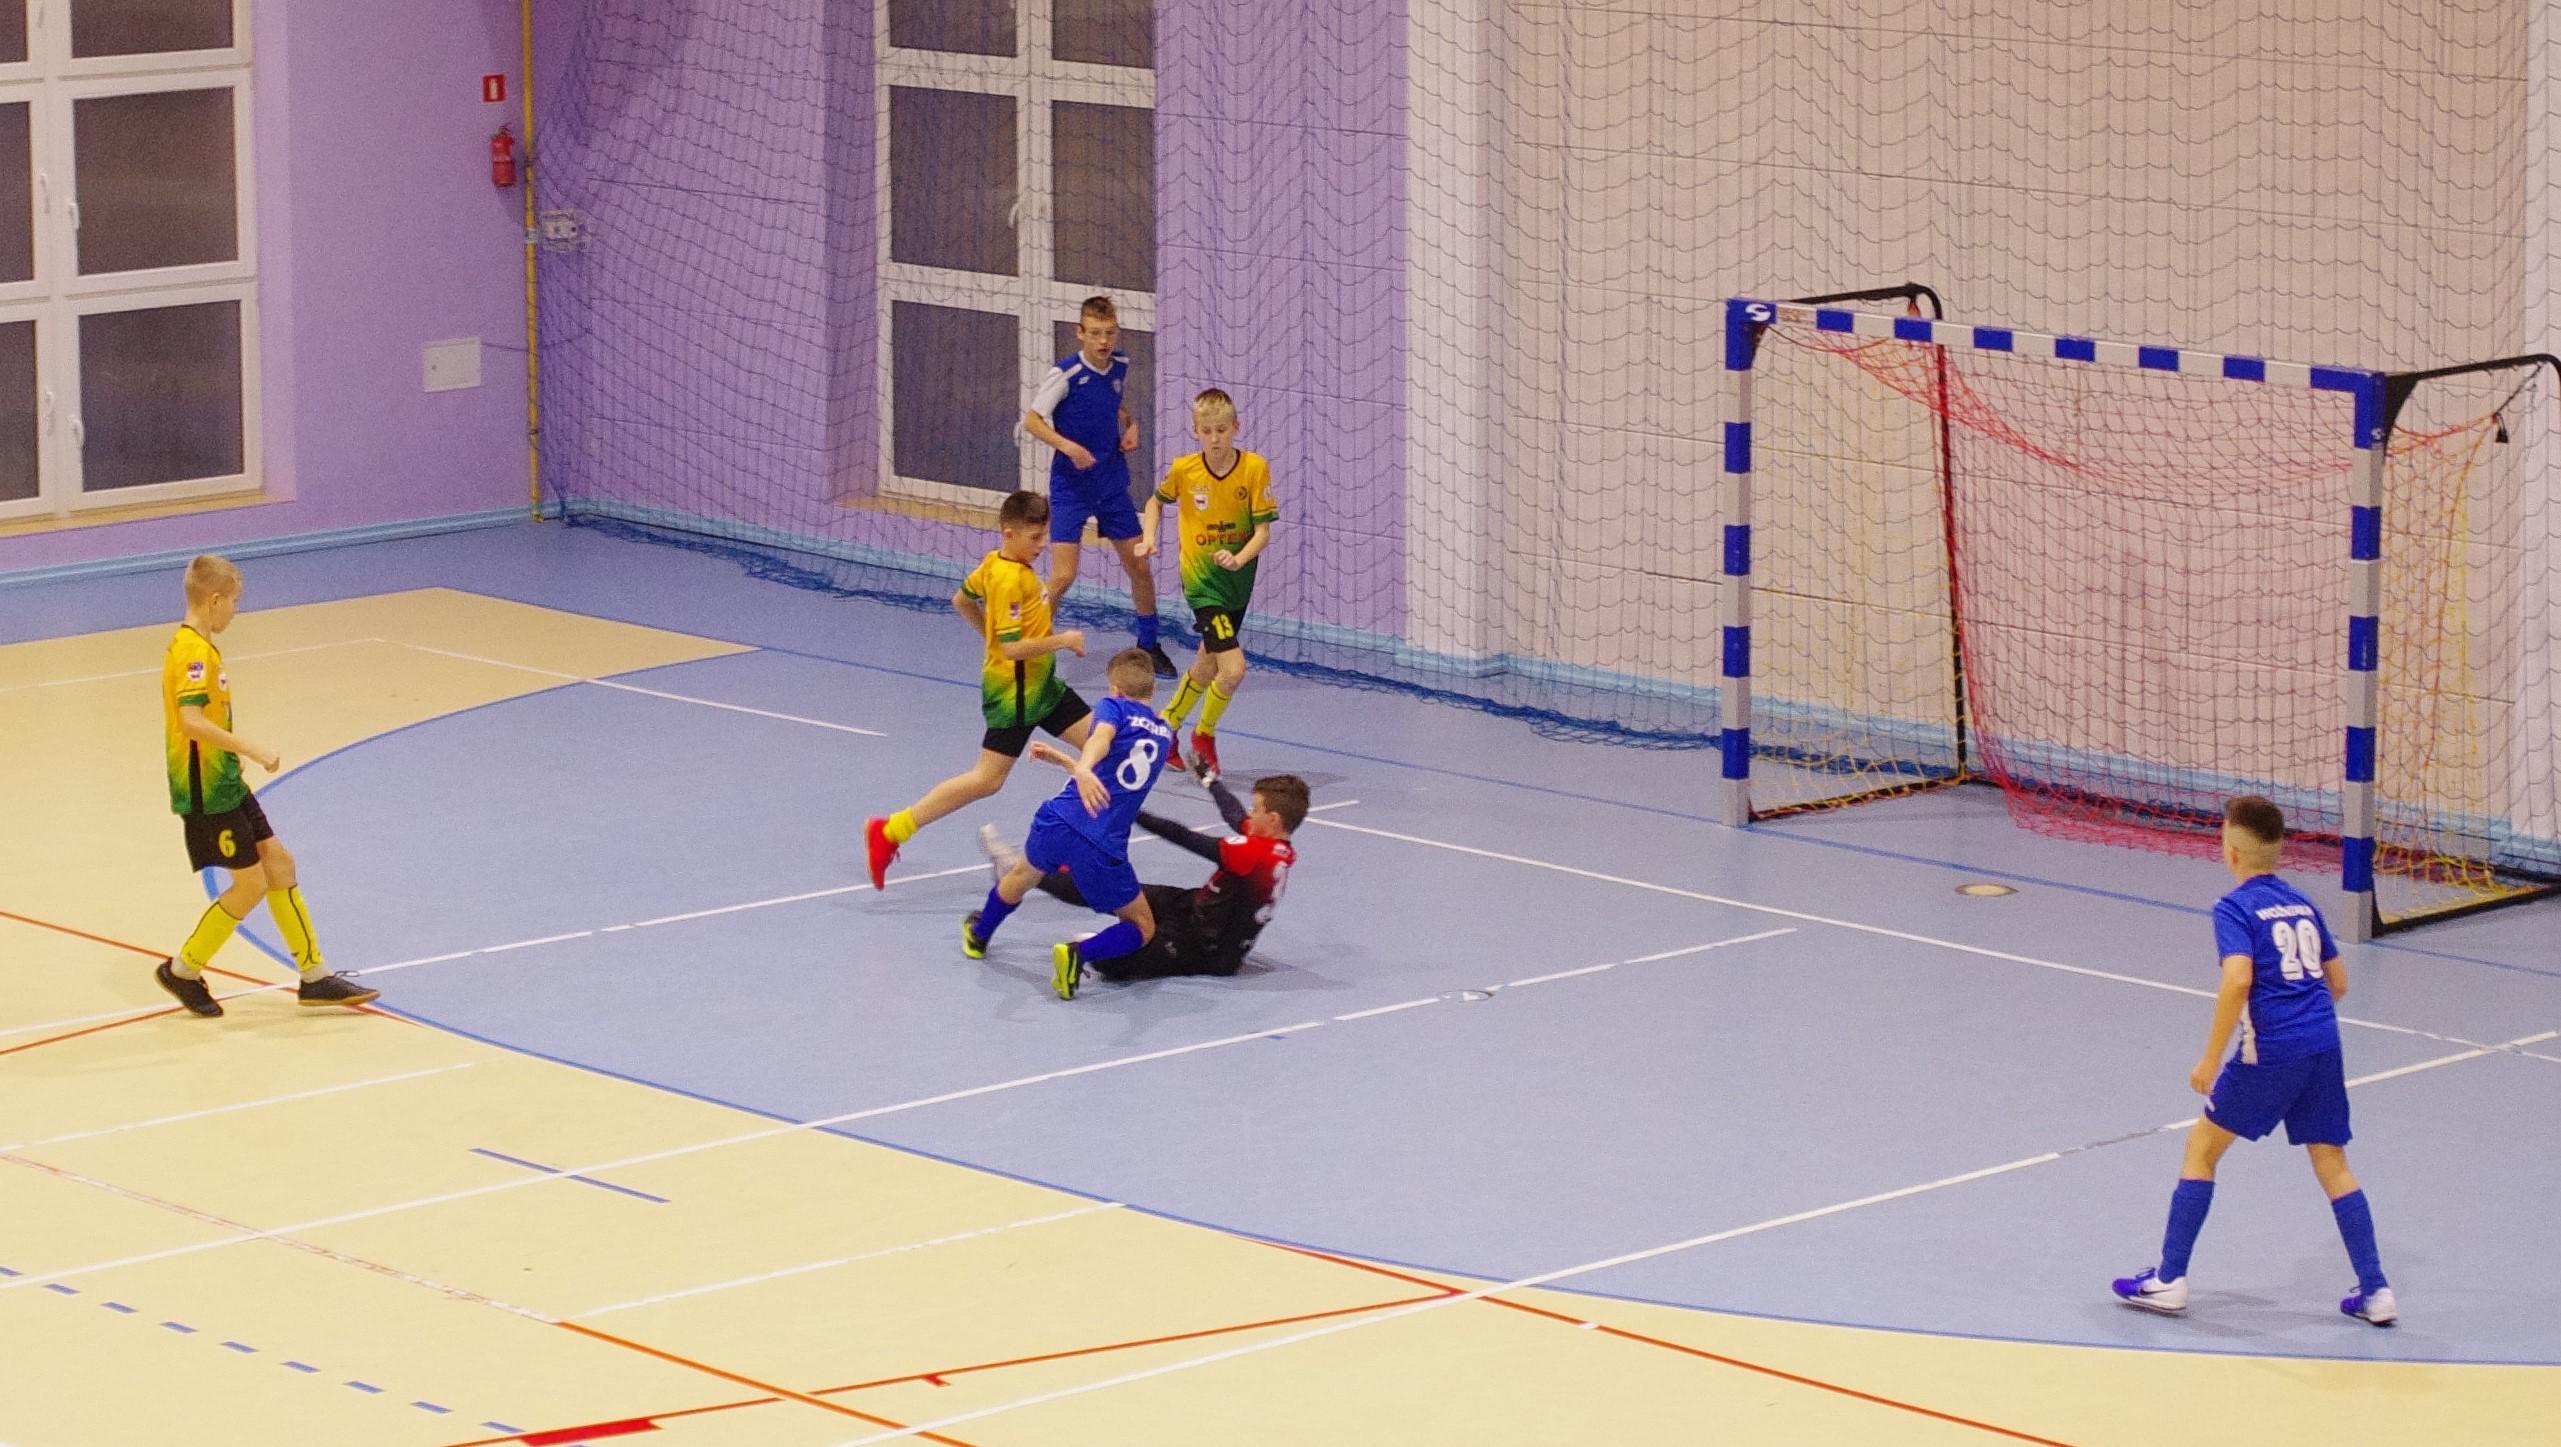 Halowy Turniej o Złotą Podkowę Racotu- C2. Robert Kubka najlepszym bramkarzem.